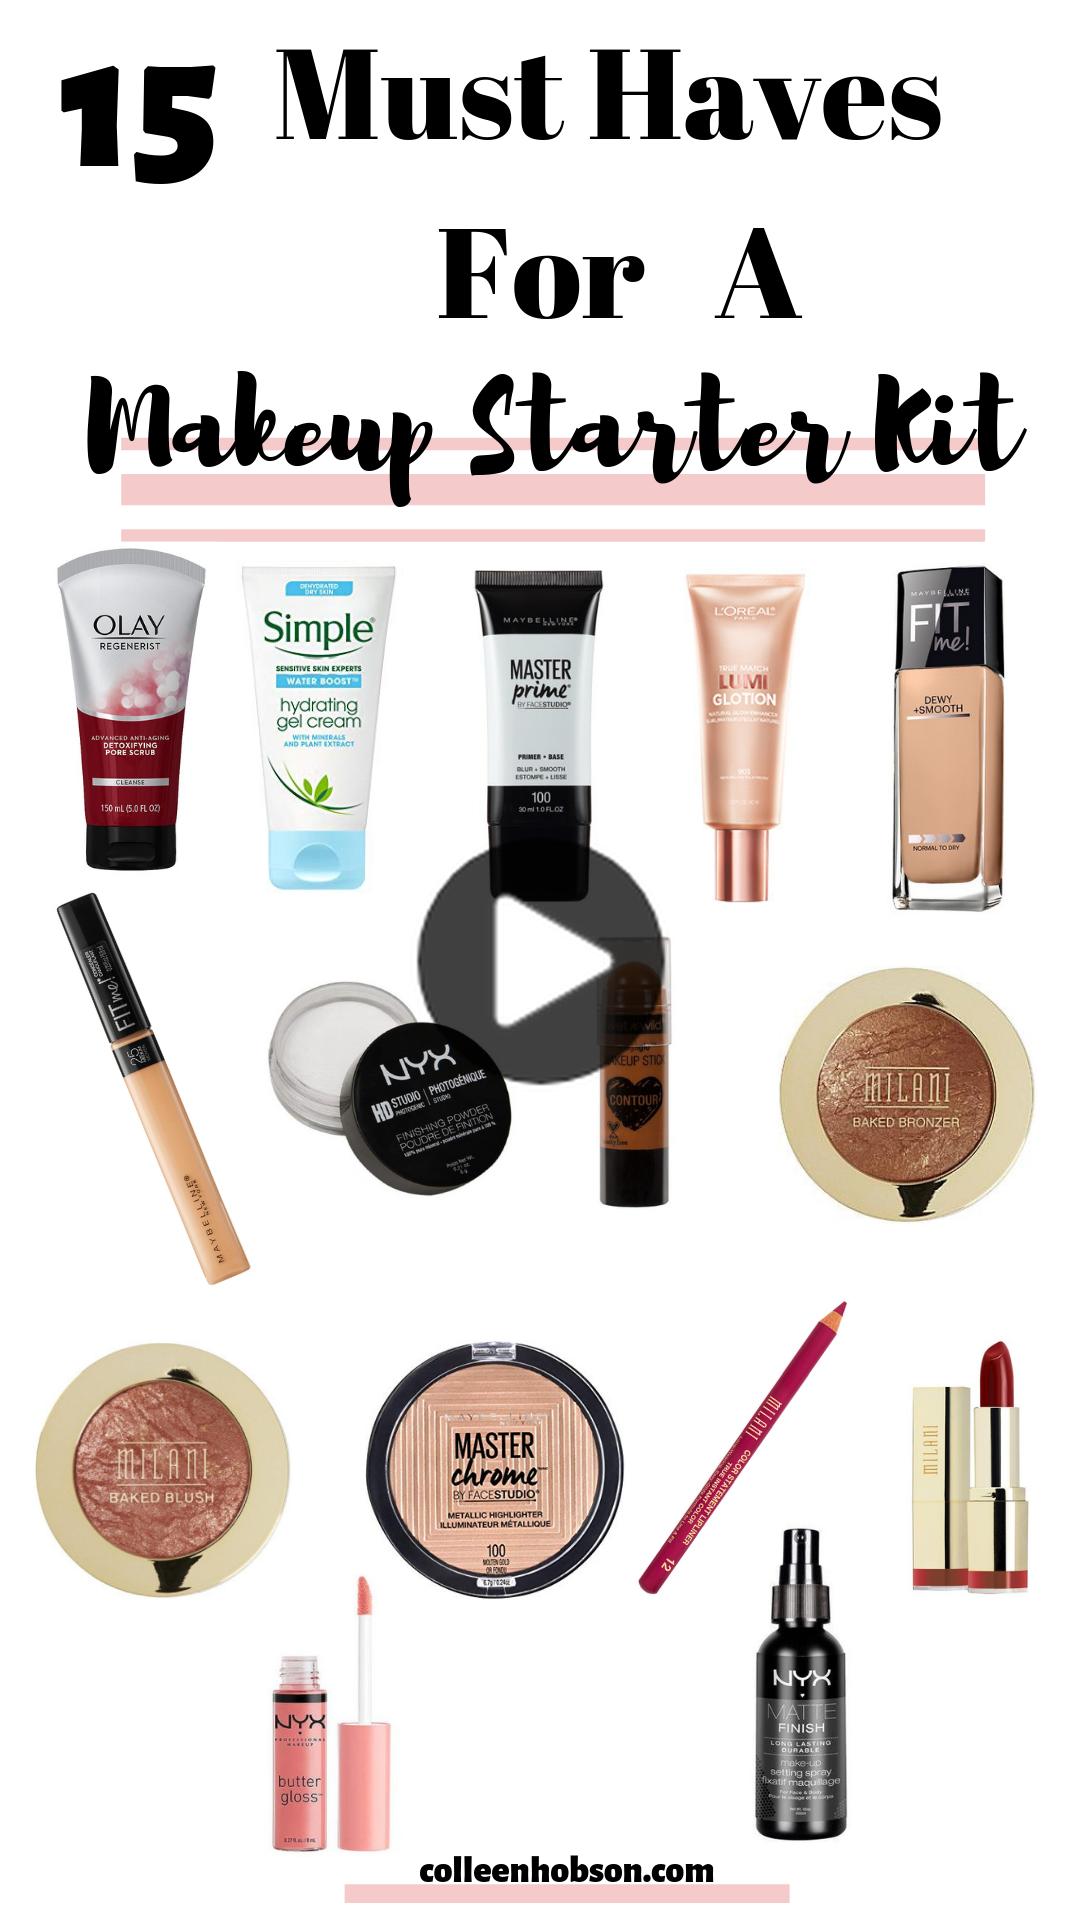 Drugstore Makeup Starter Kit For Beginners in 2020